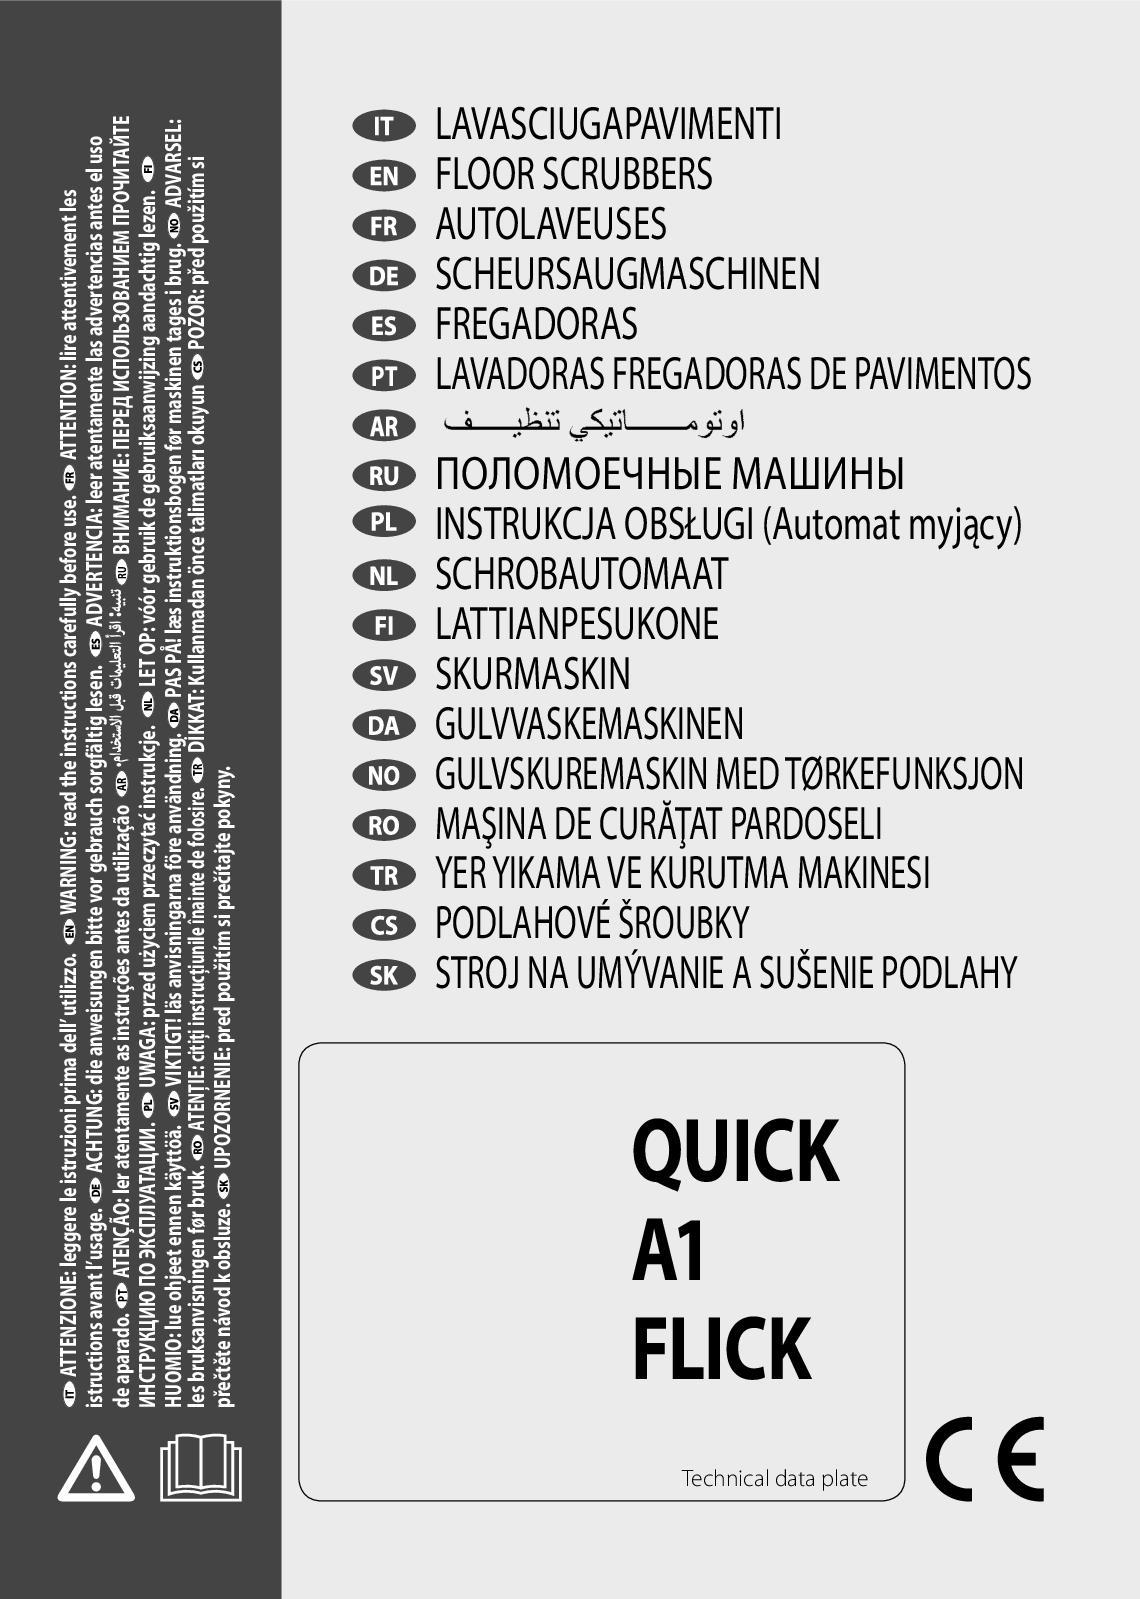 Calaméo Manuale Quickpdf